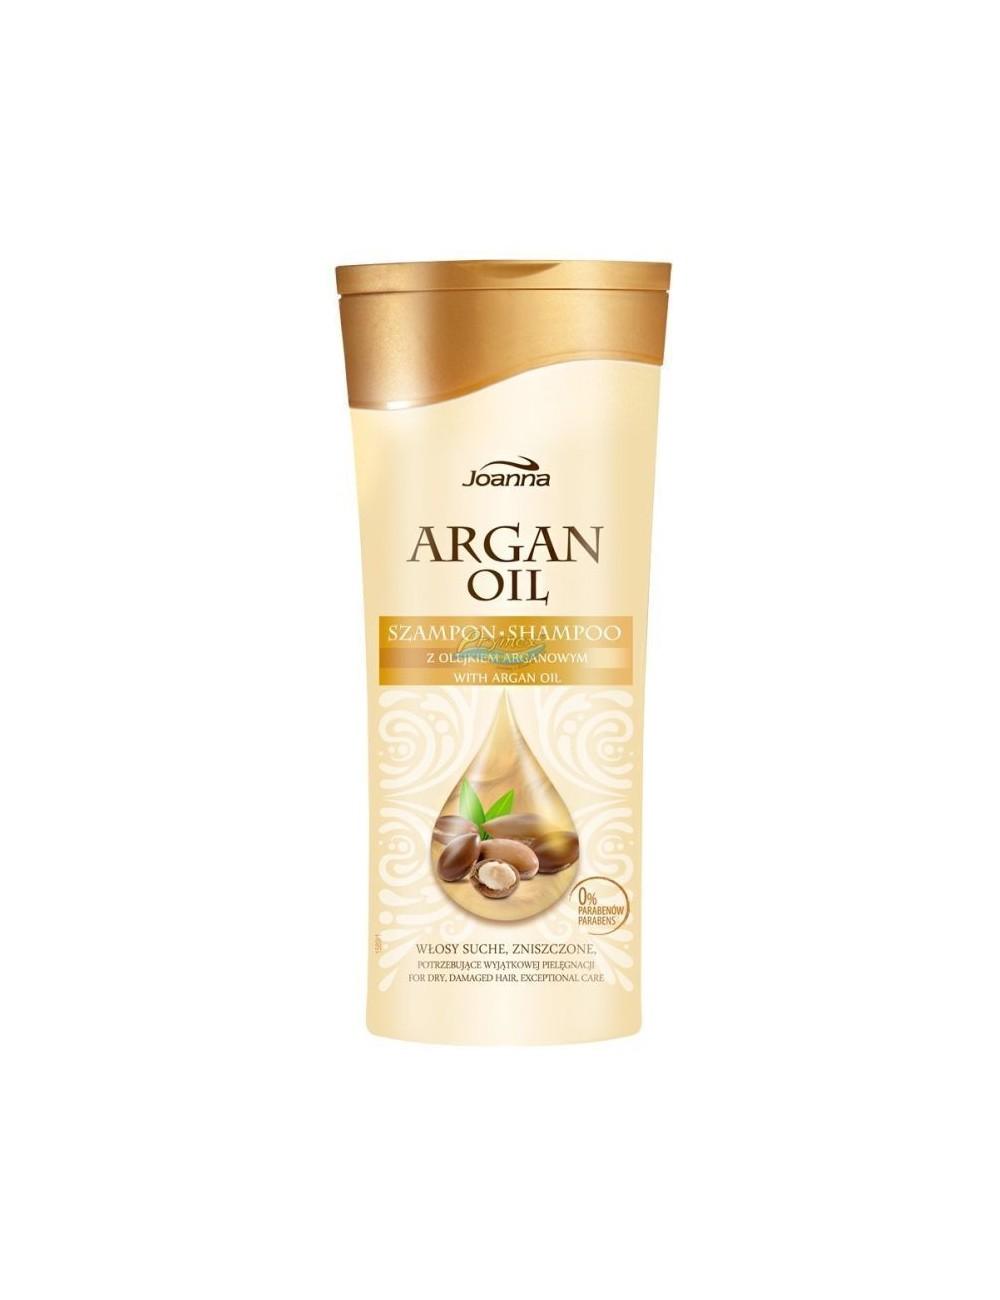 Joanna Argan Oil 400ml – szampon z olejkiem arganowym do włosów suchych, zniszczonych